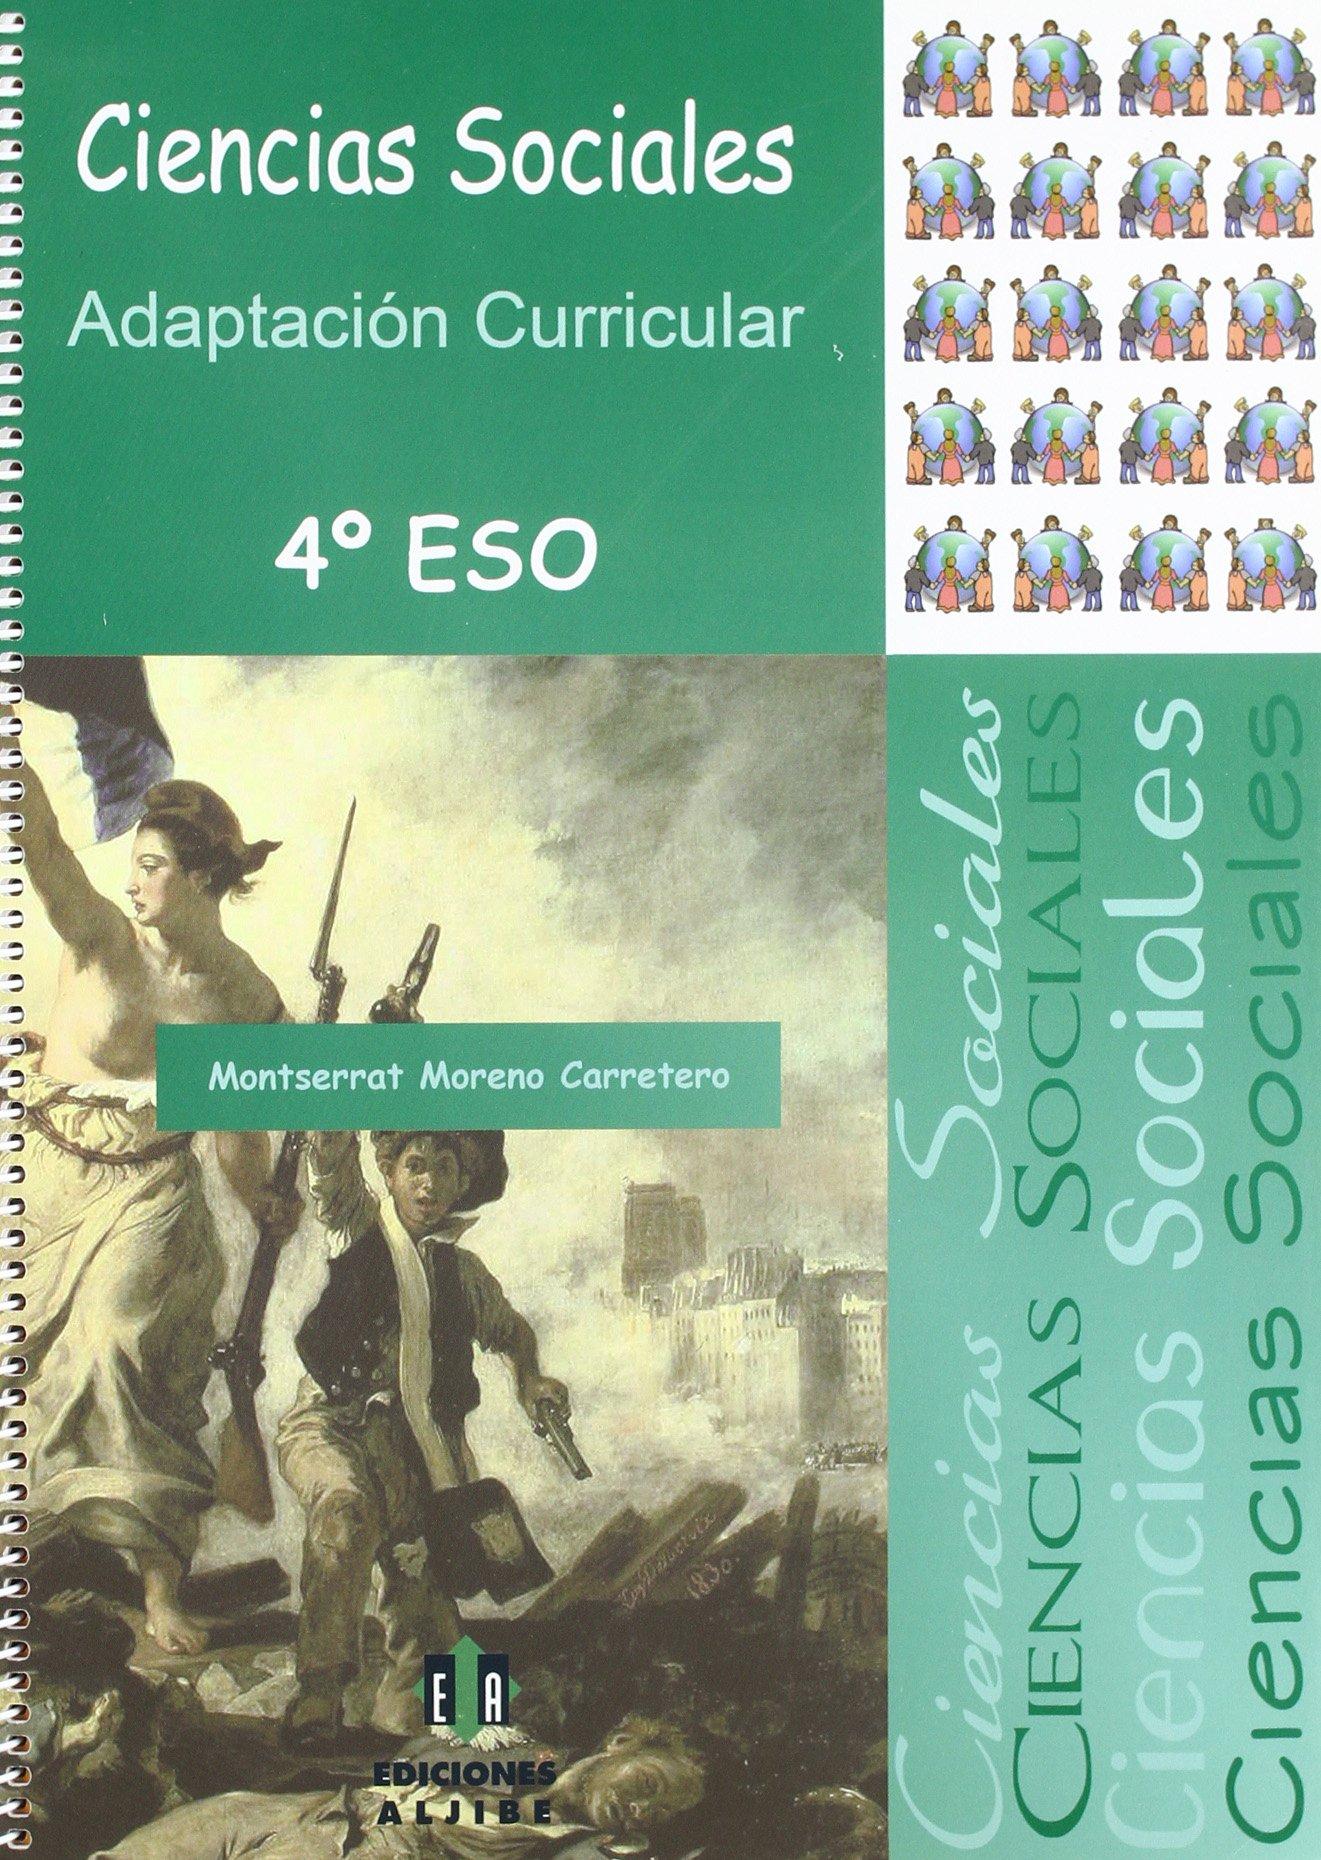 adaptaciones-curriculares-ciencias-sociales-geografia-historia-4-eso-secundaria-montserrat-moreno-carretero-aljibe